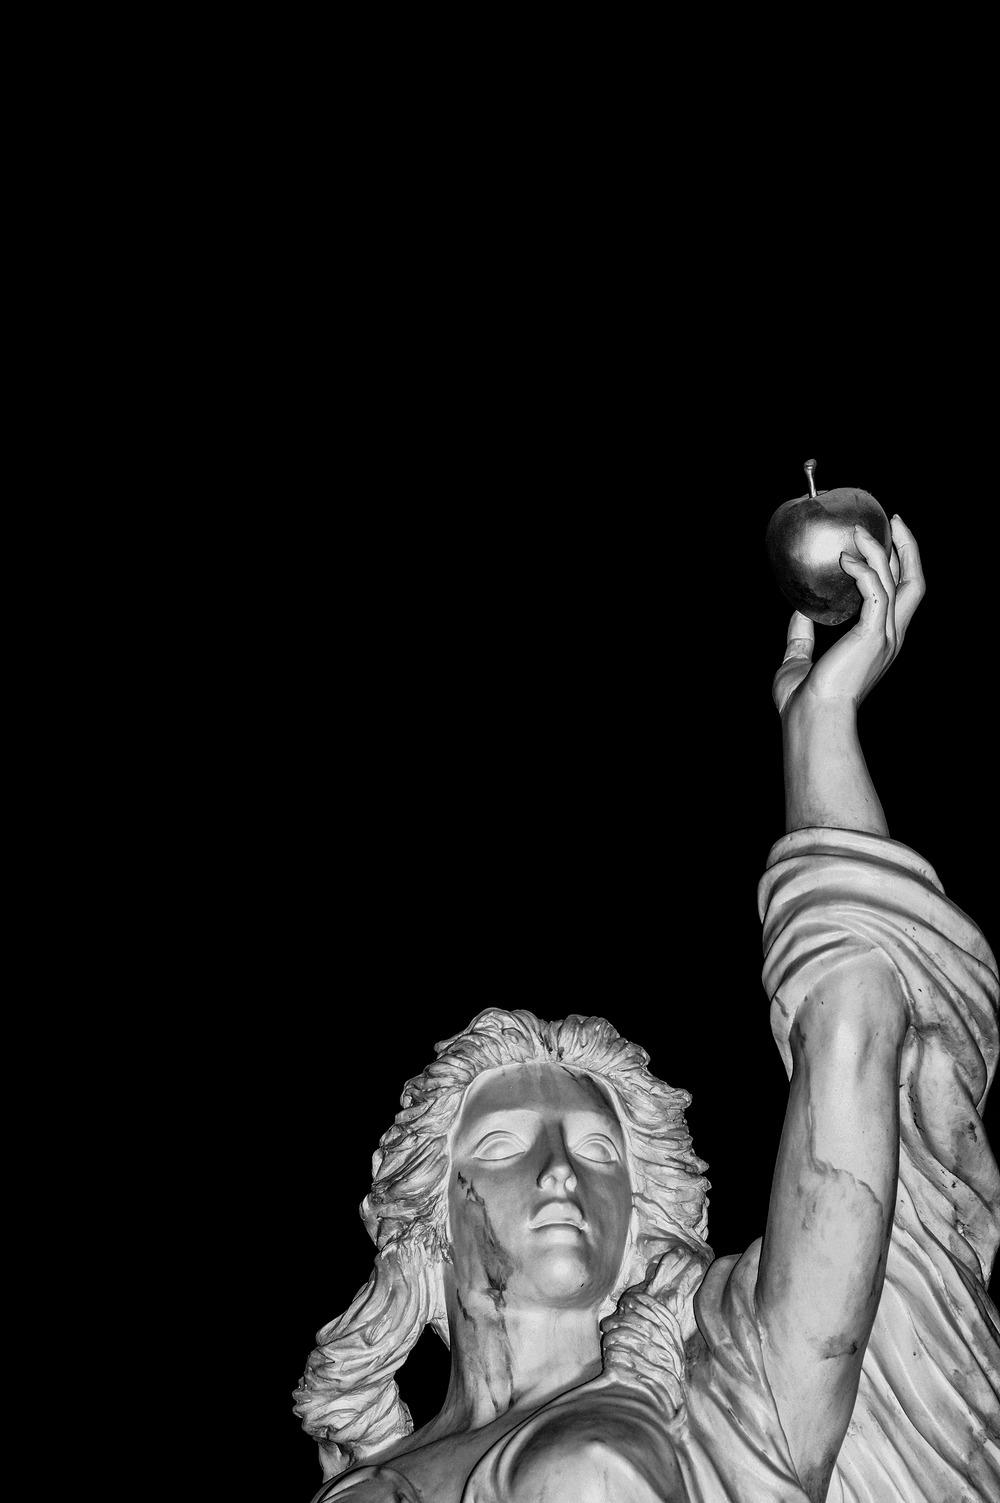 L1012359-Edit-2-shrunken-2-light-apple.jpg